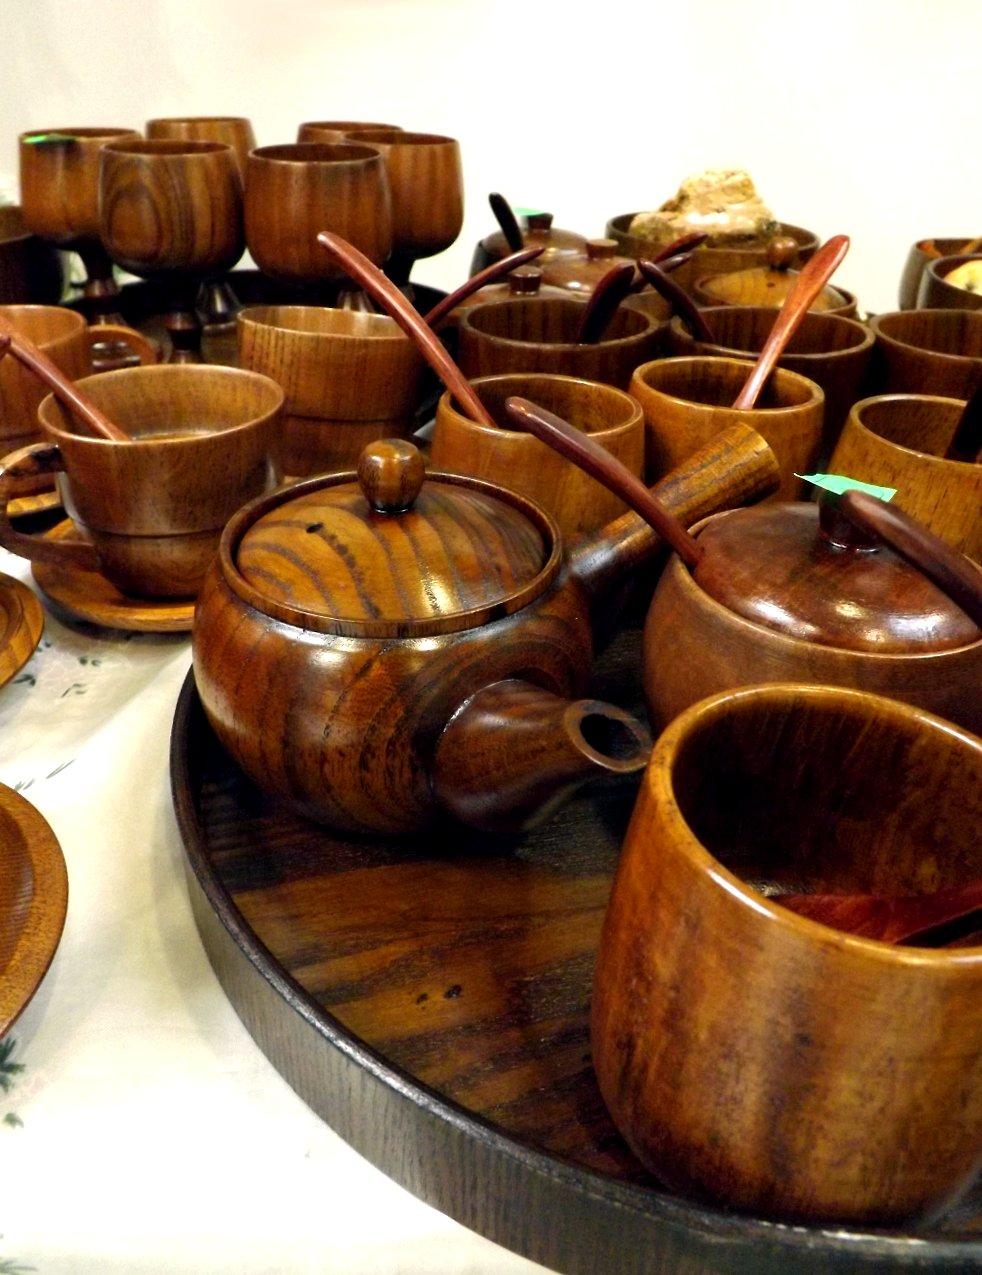 Продукция сибирских производителей деревянной посуды и кухонных аксессуаров на сентябрьской выставке HouseHoldExpo 2014 - вид А